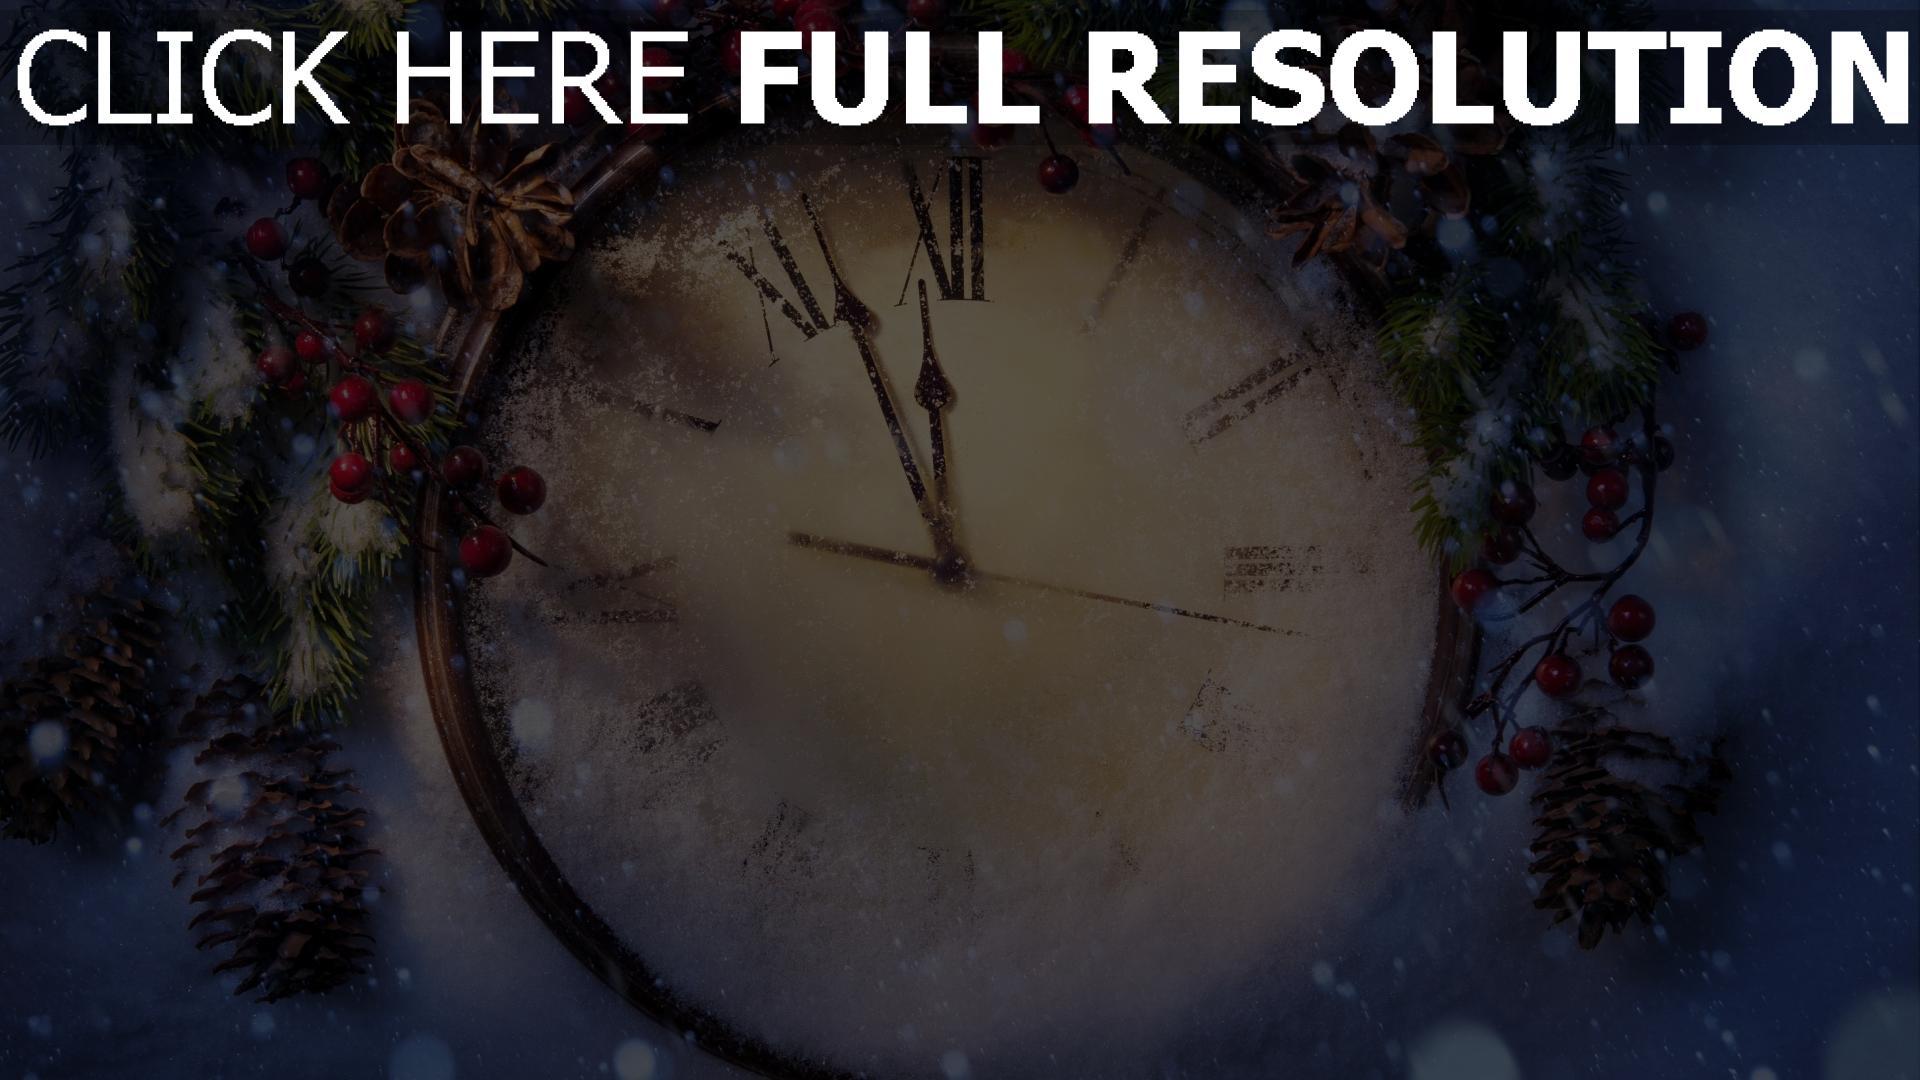 hd hintergrundbilder uhr gesicht winter schnee fichte neues jahr 1920x1080